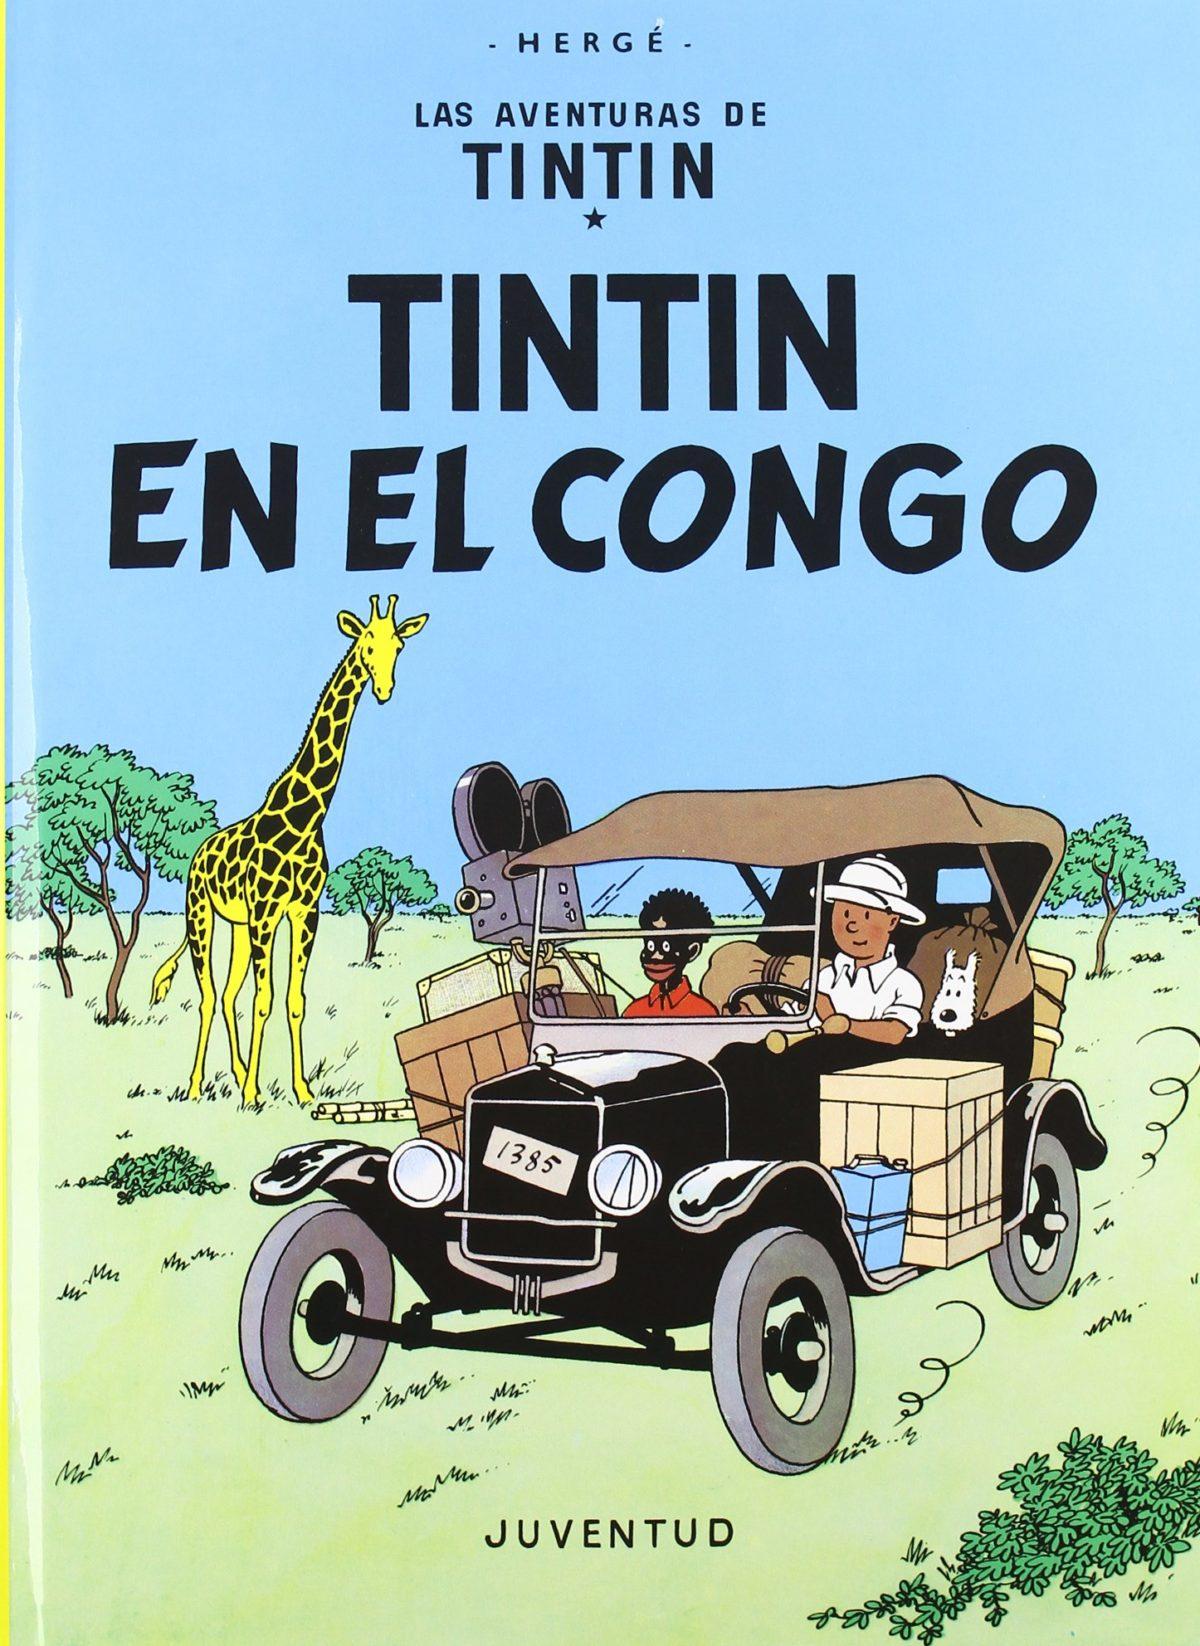 Tintín en el Congo - Las Aventuras de Tintín (Cartoné)